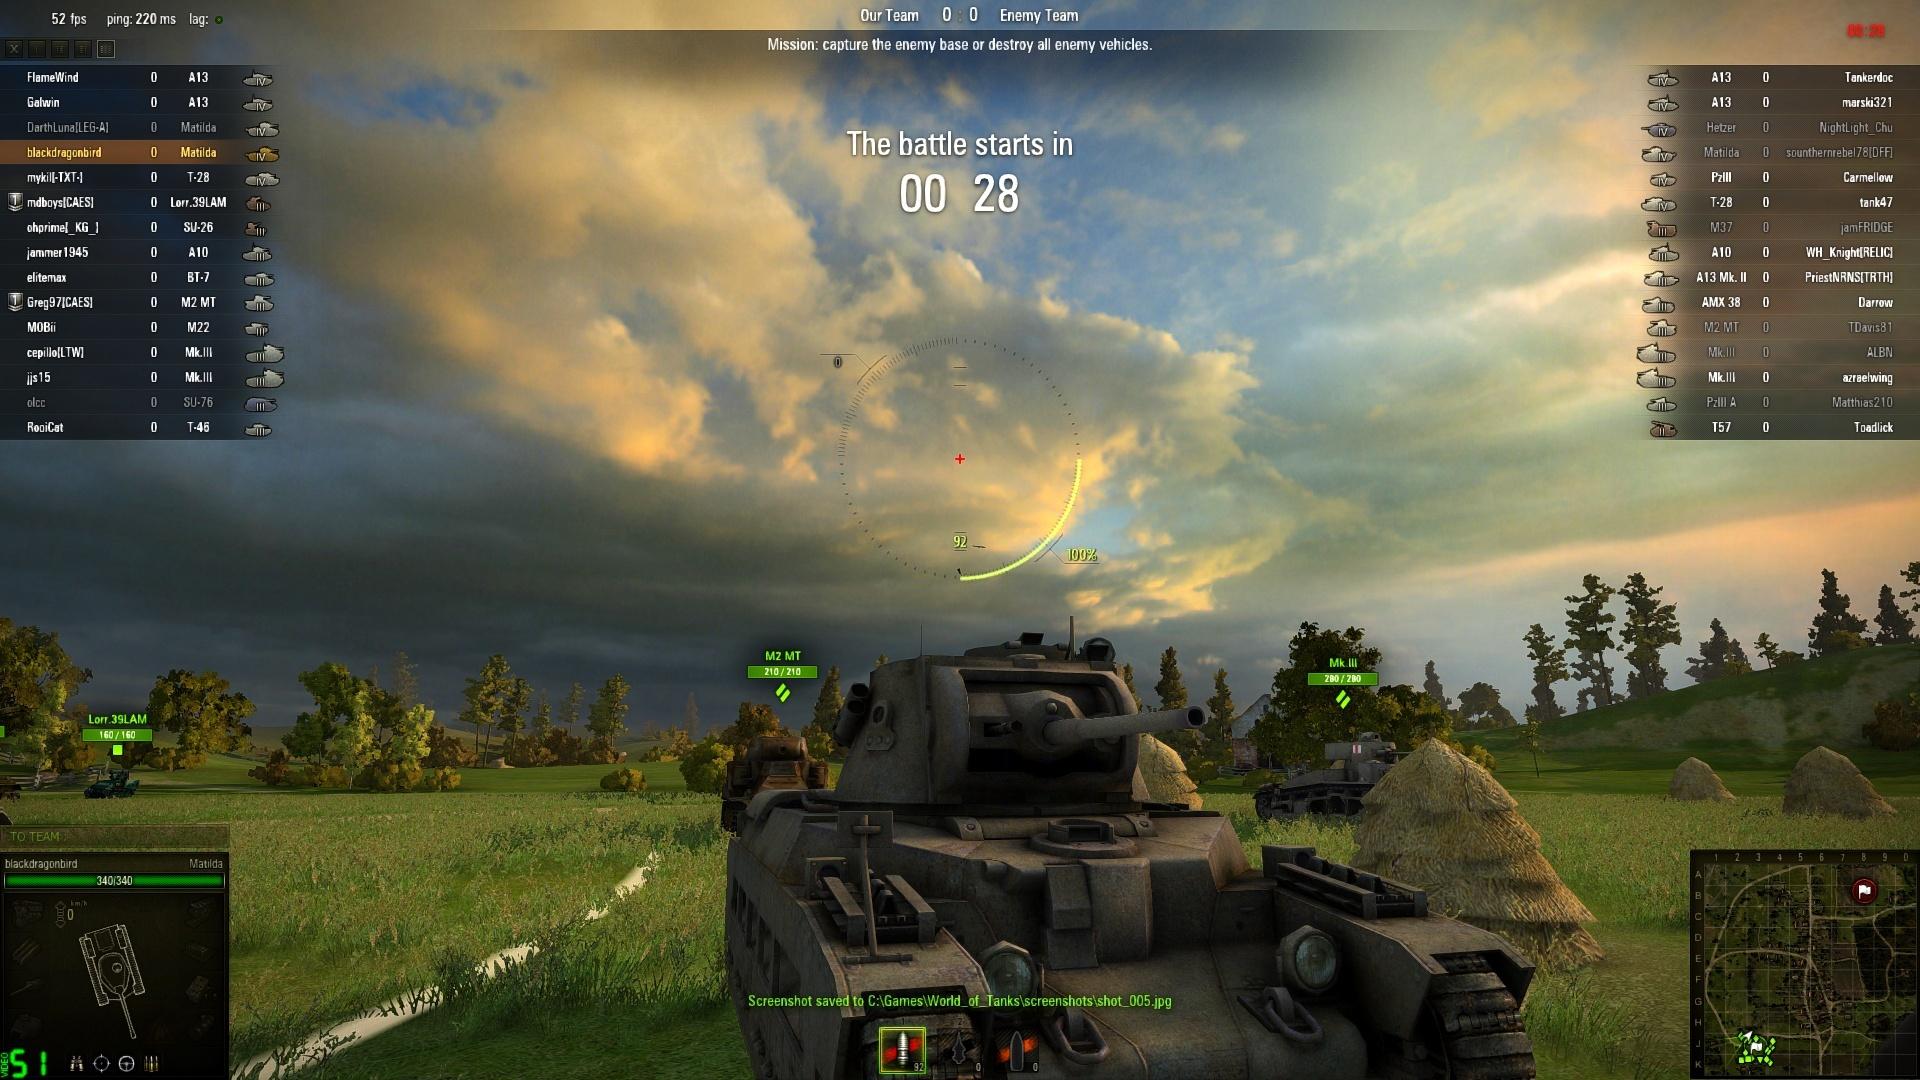 Как сделать скриншот на компьютере в танках